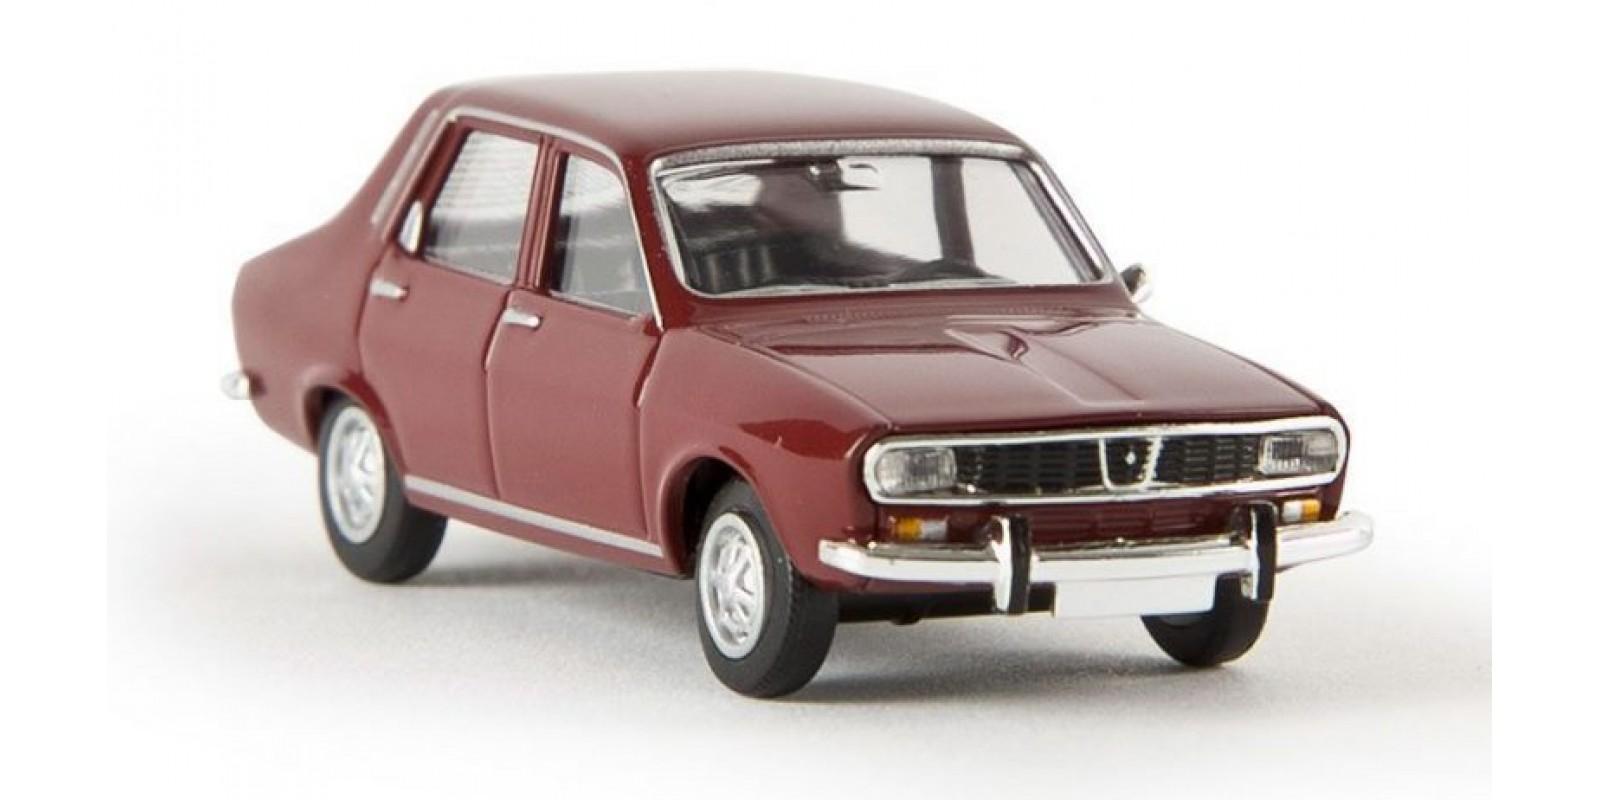 BK14513 Renault R12, Tl, weinrot